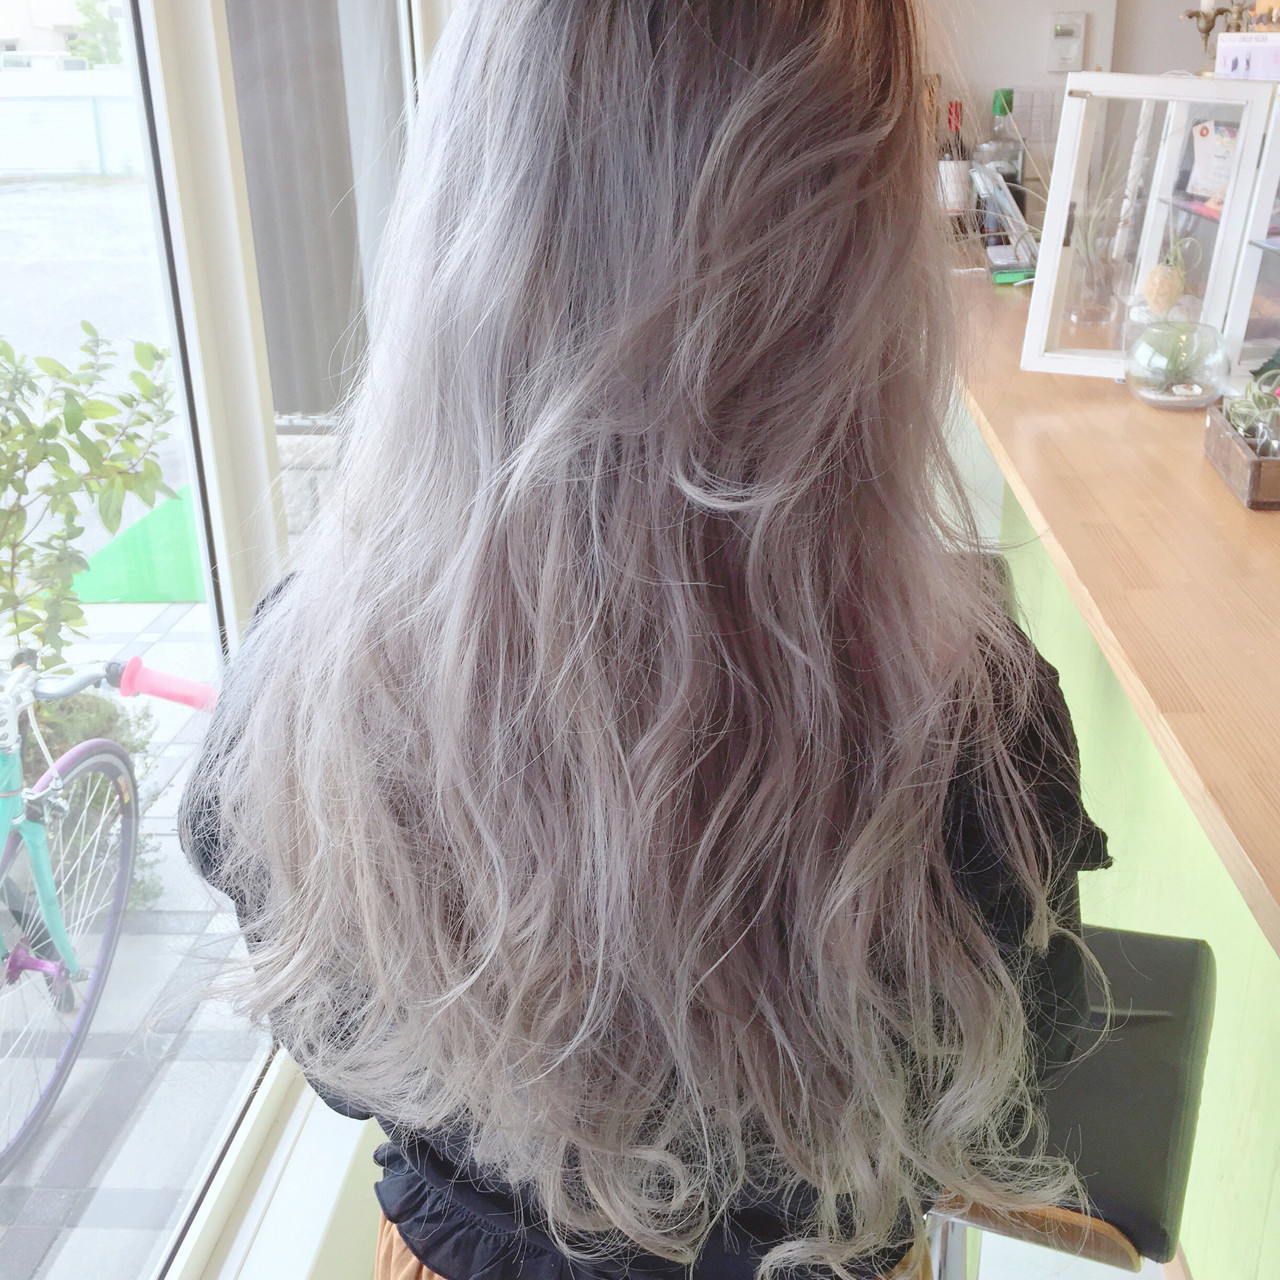 ロング アッシュ ホワイト ストリート ヘアスタイルや髪型の写真・画像